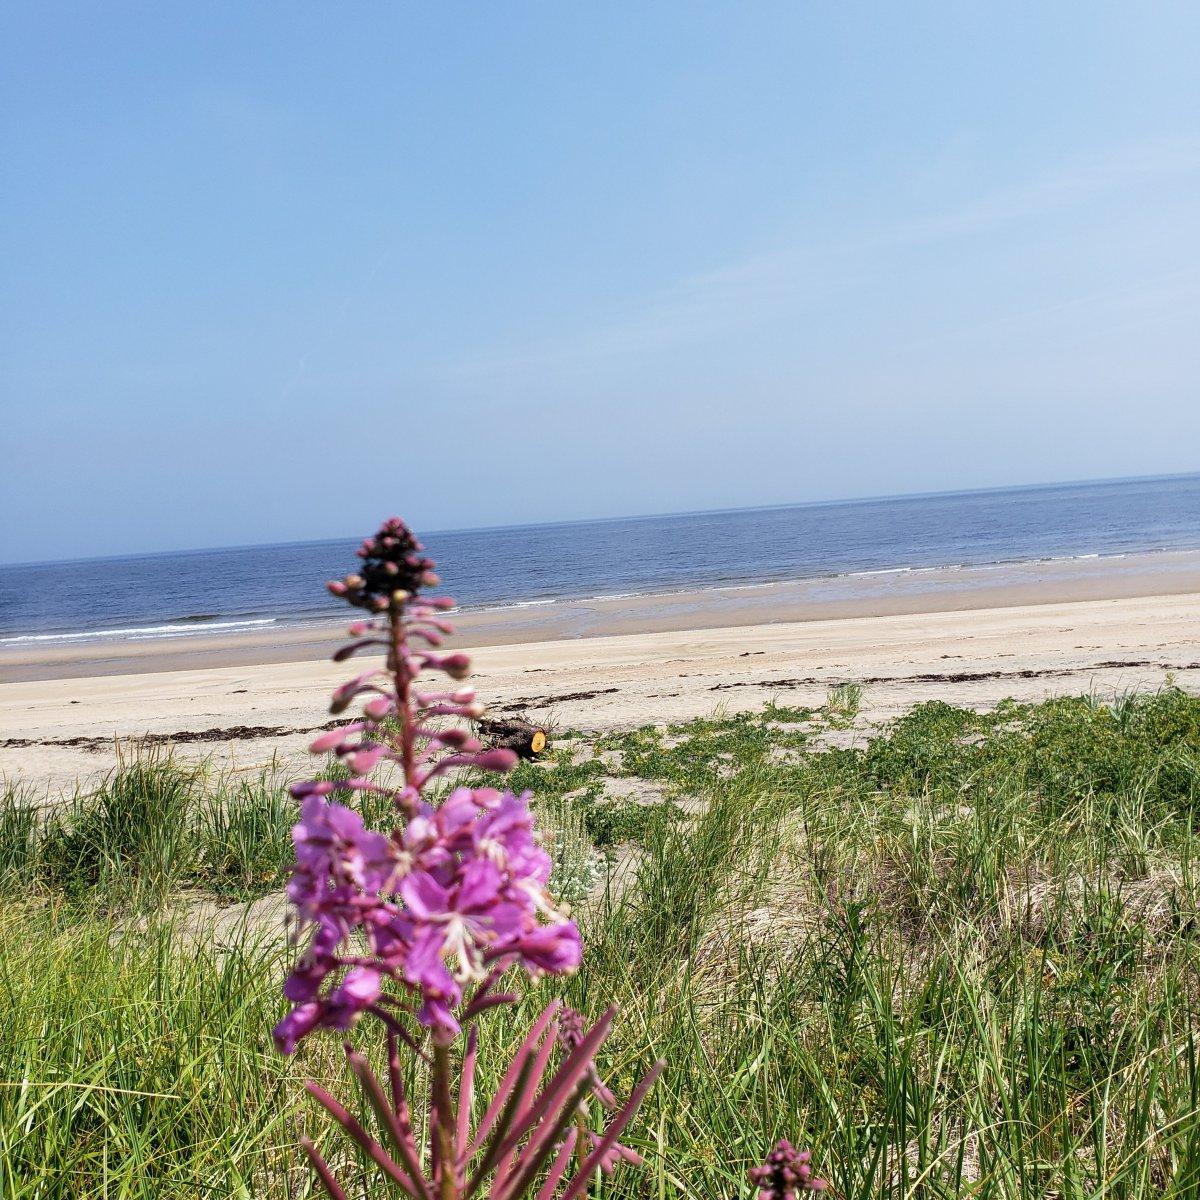 Fleur sur la plage de Pointe-aux-anglais